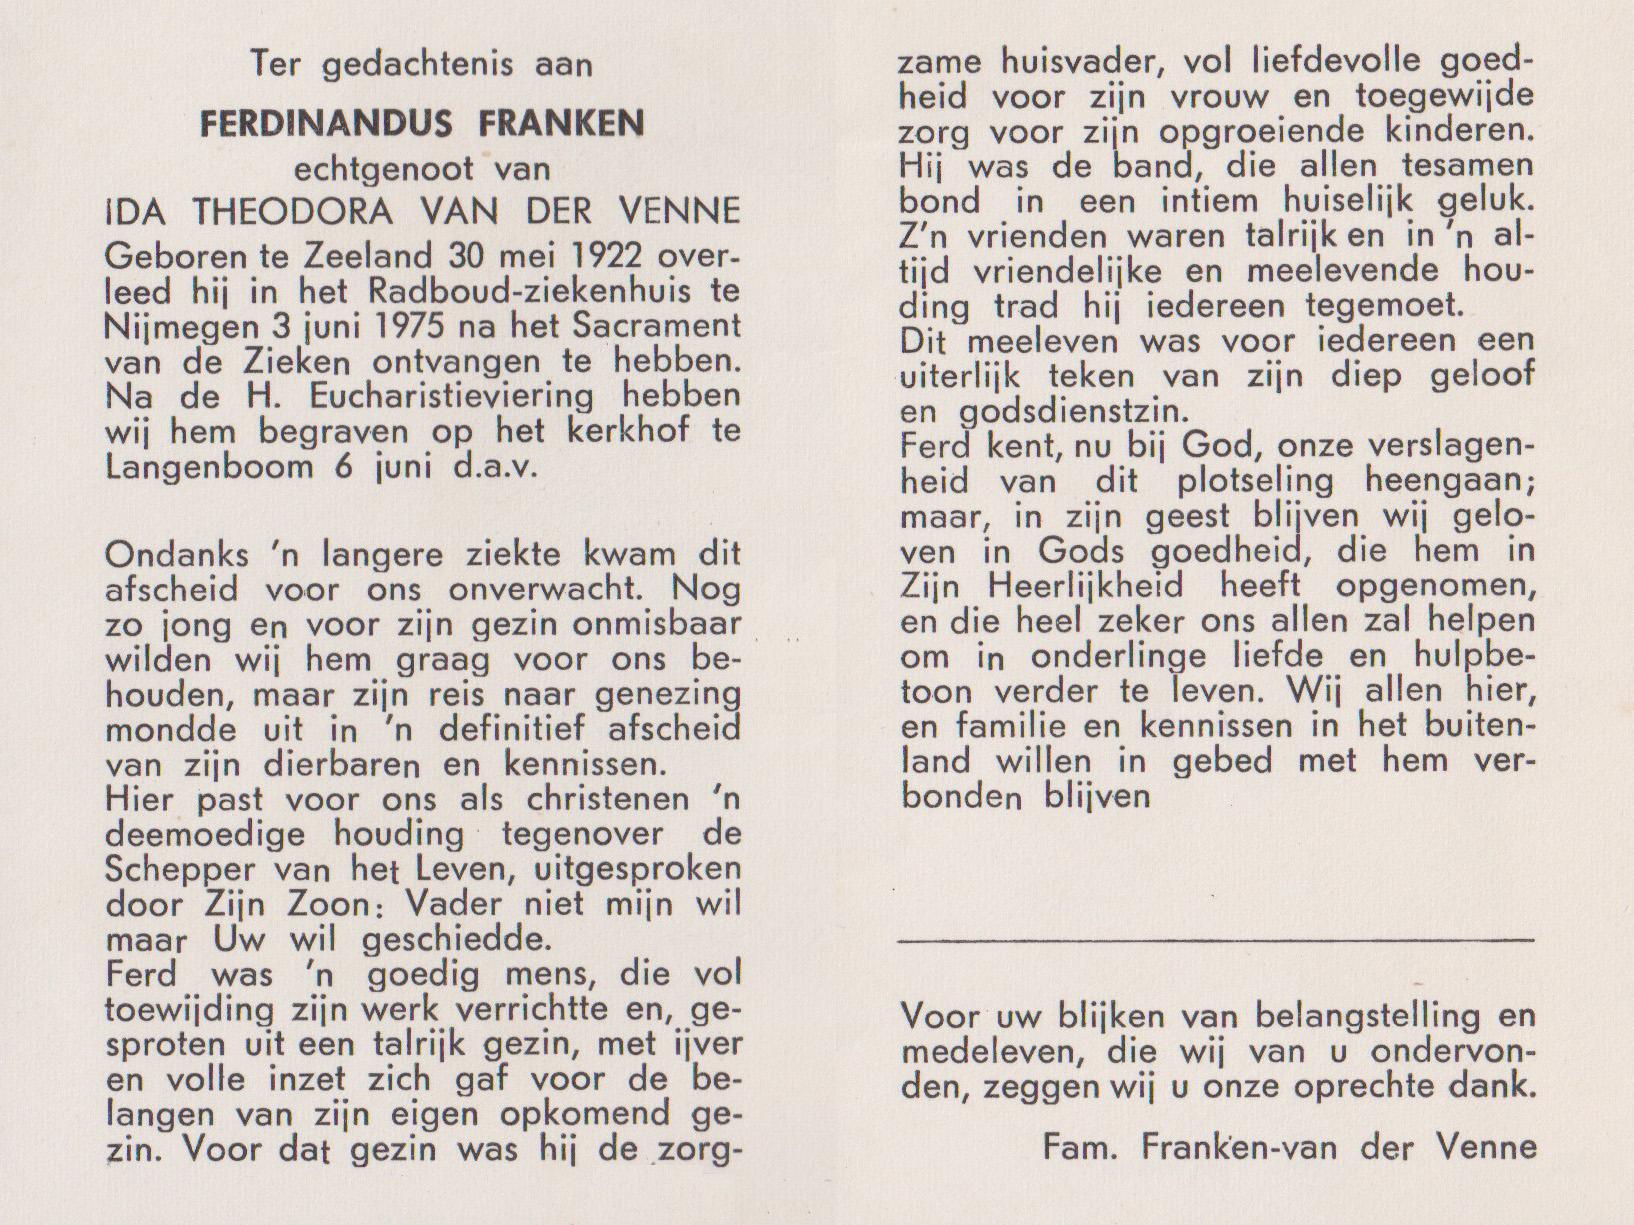 Bidprentje FerdinandusFranken